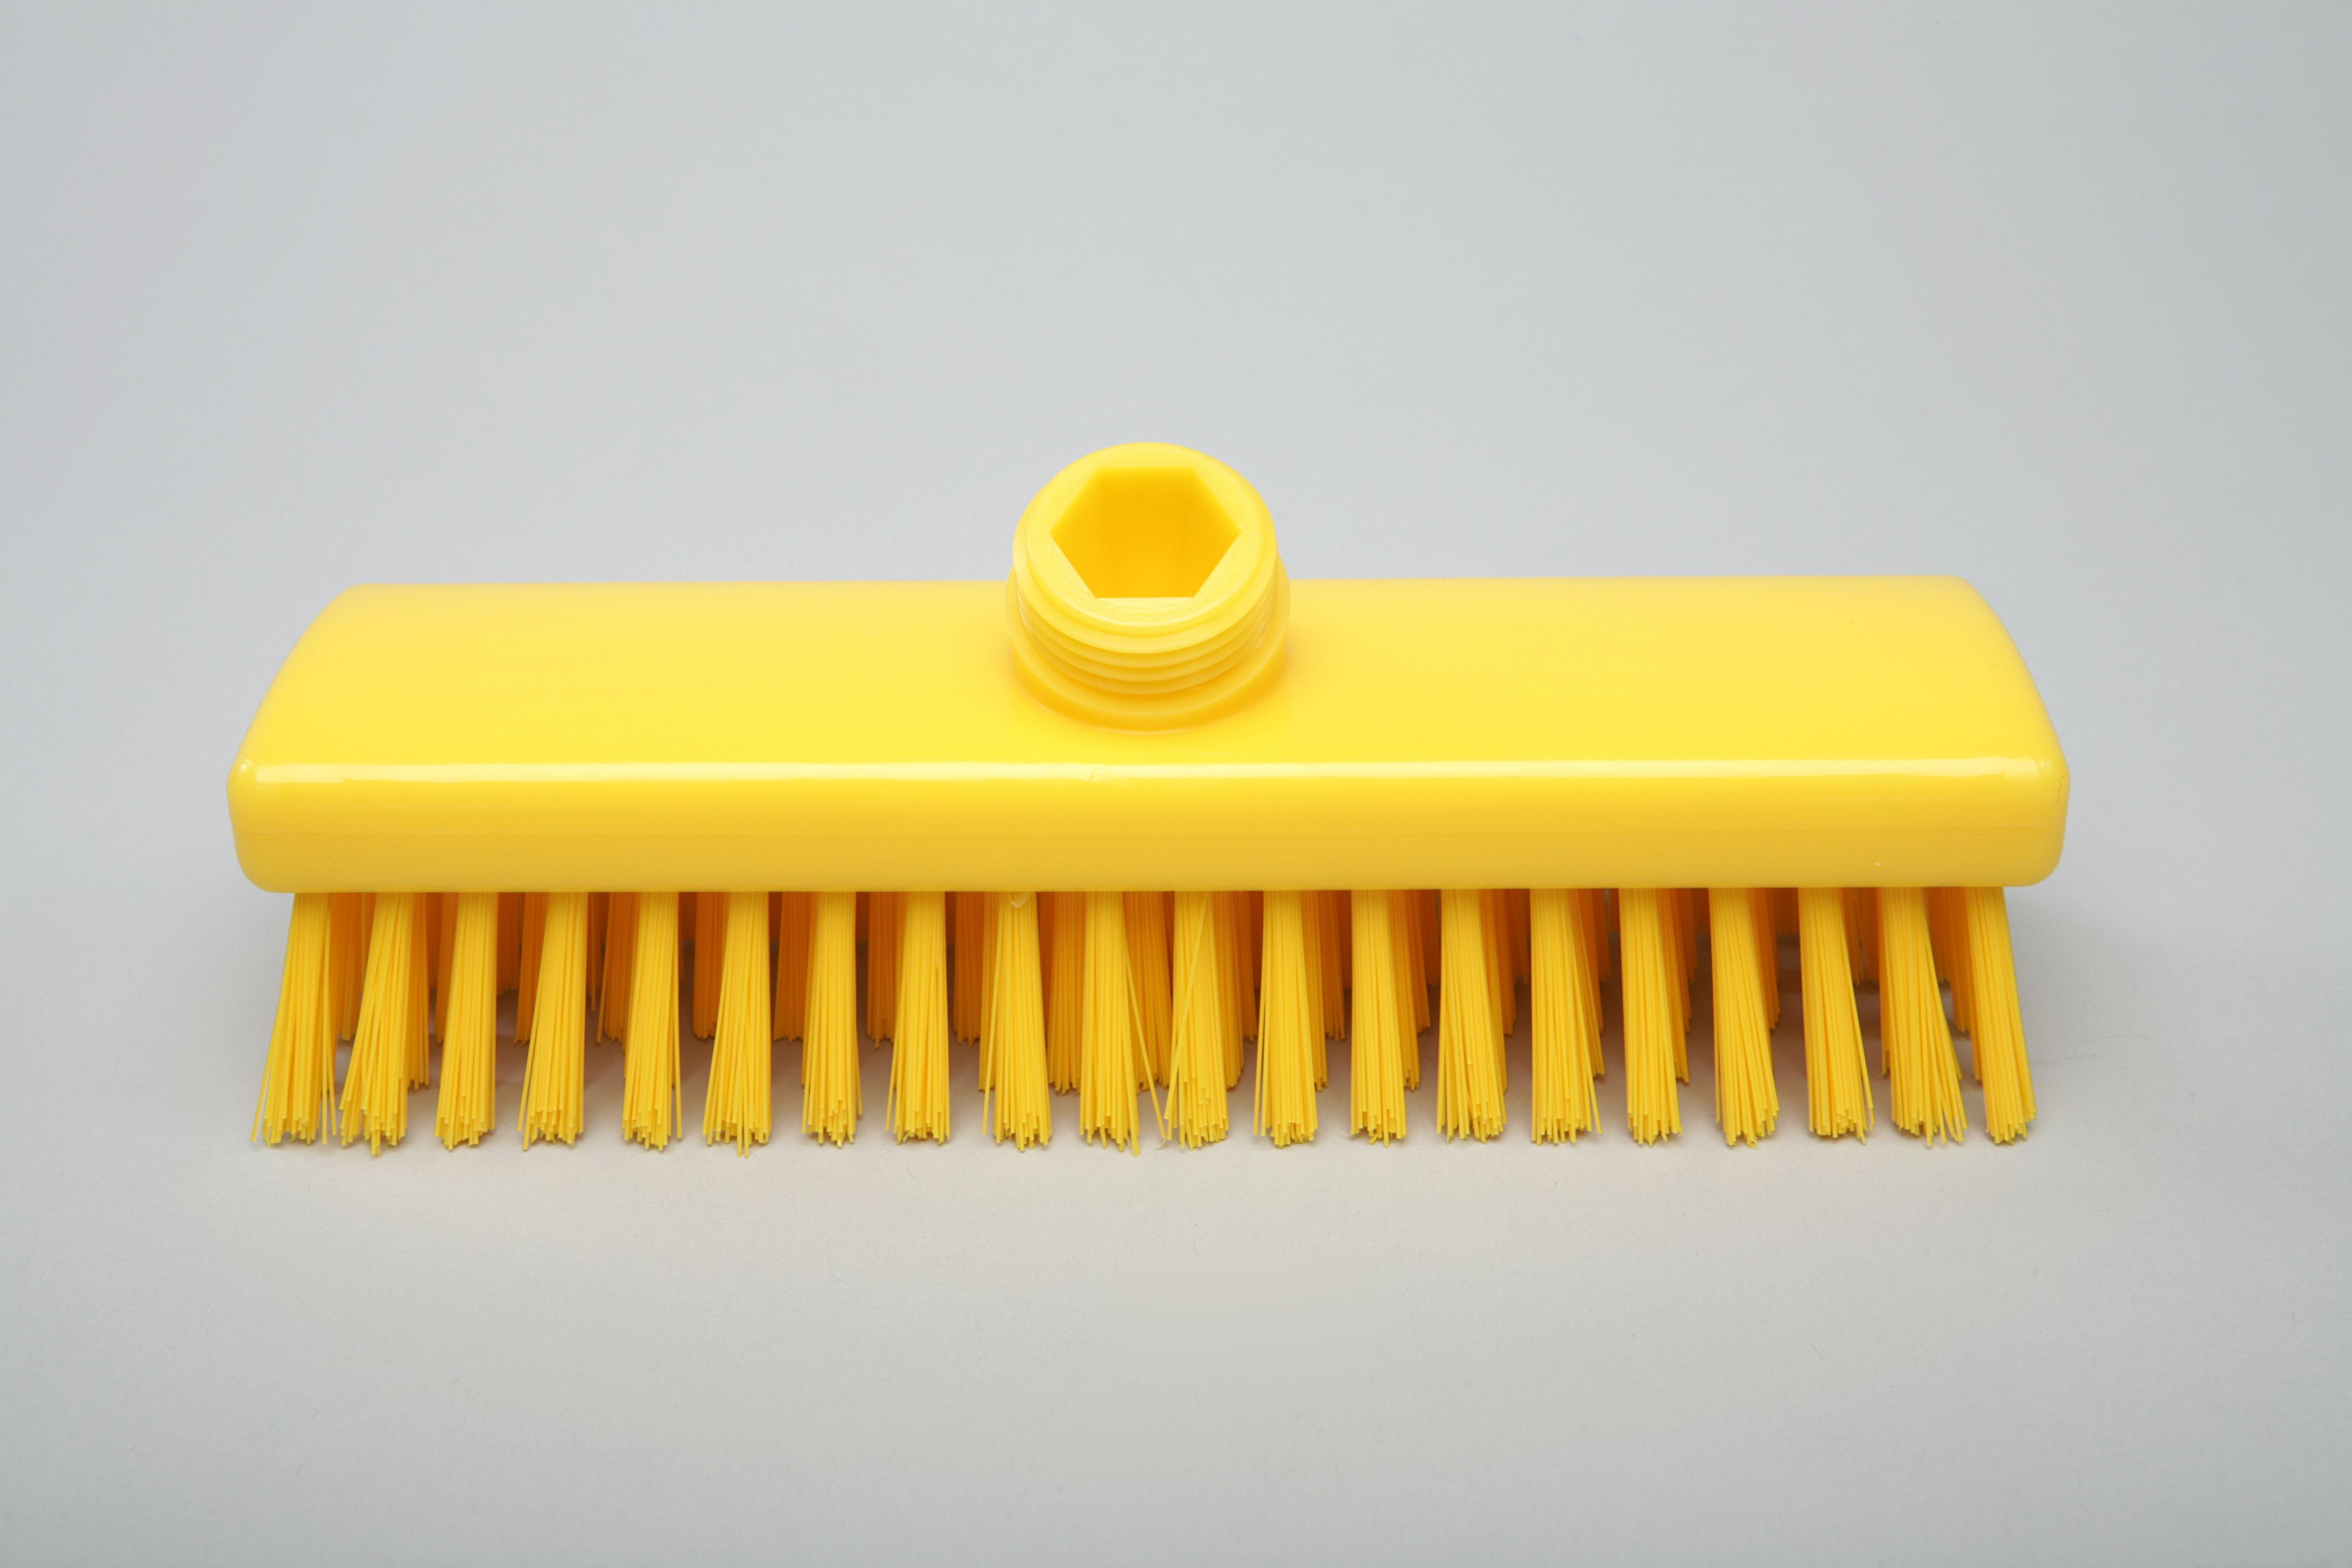 Unimop küürimishari 225 x 60 x 30 mm, tugev, kollane, kastis 6 tk